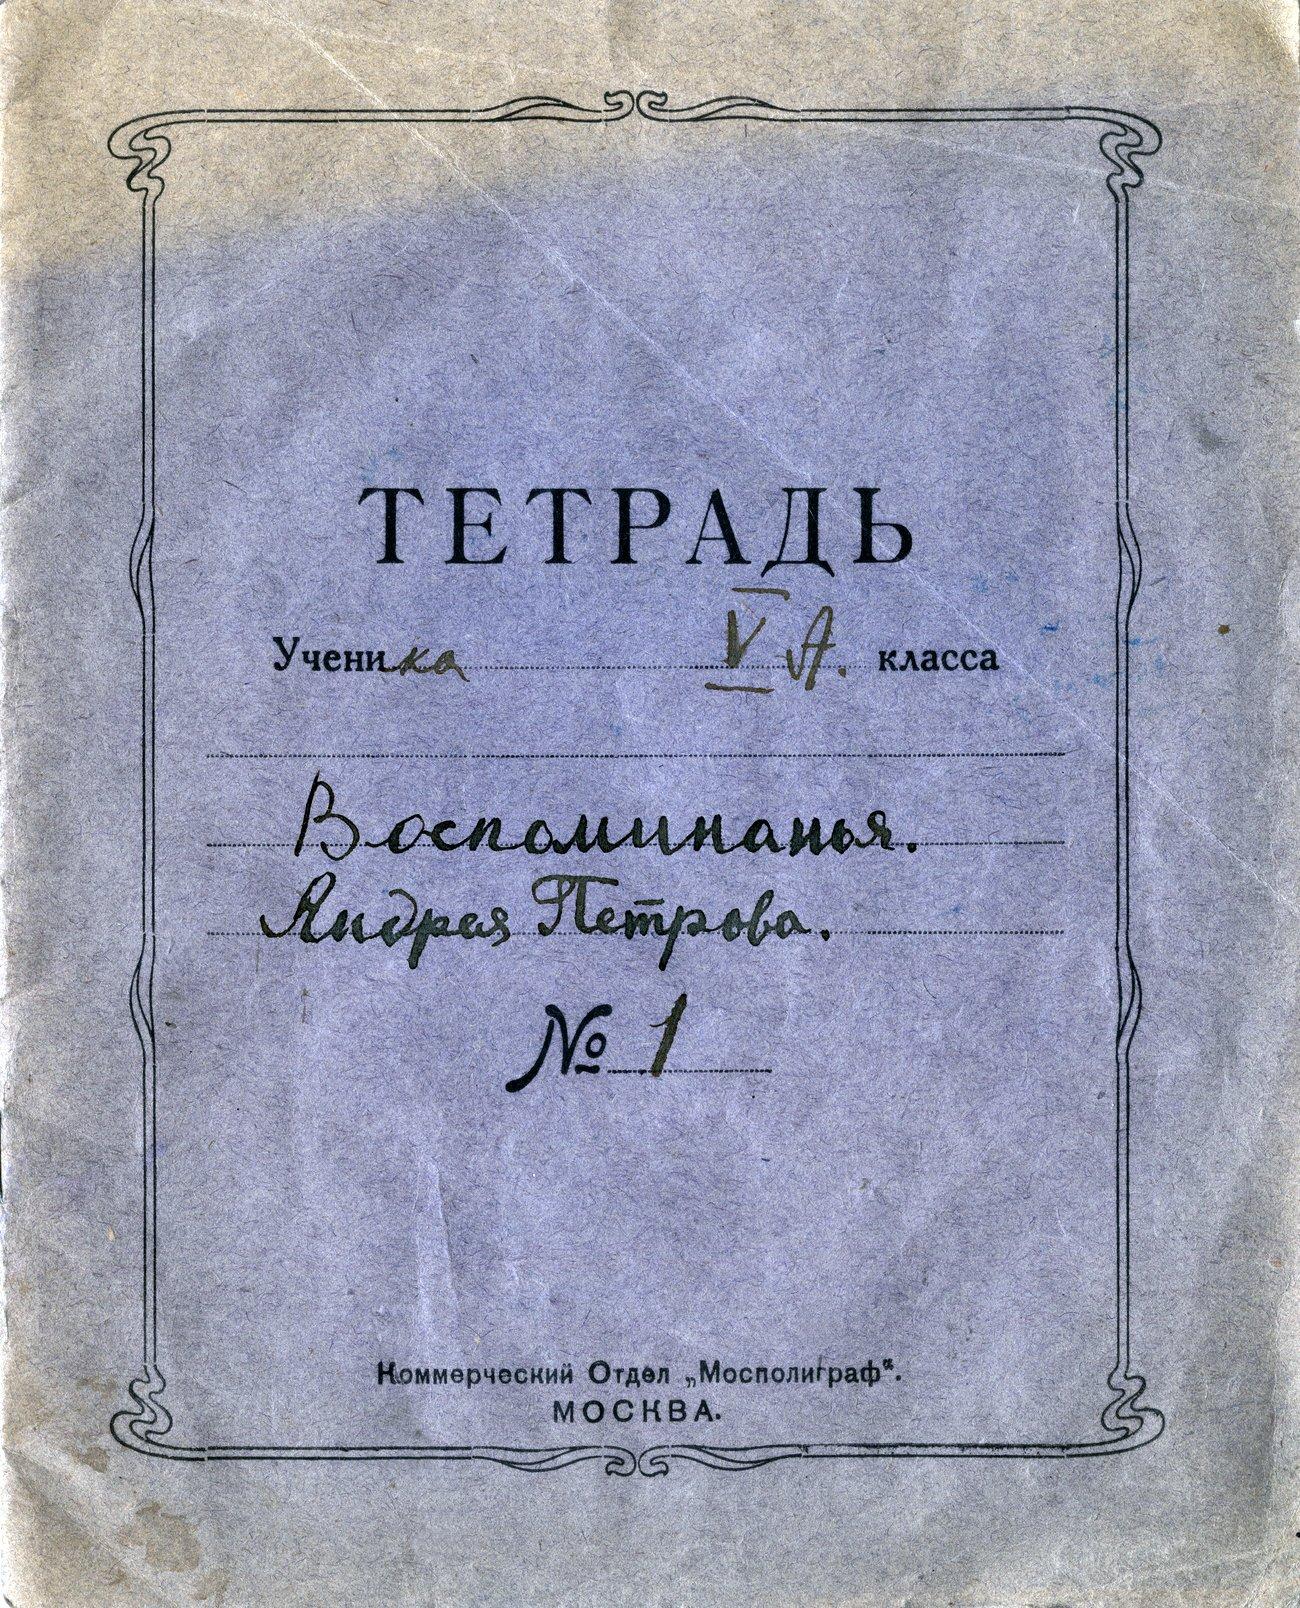 Тетрадь СССР (36), 178х220